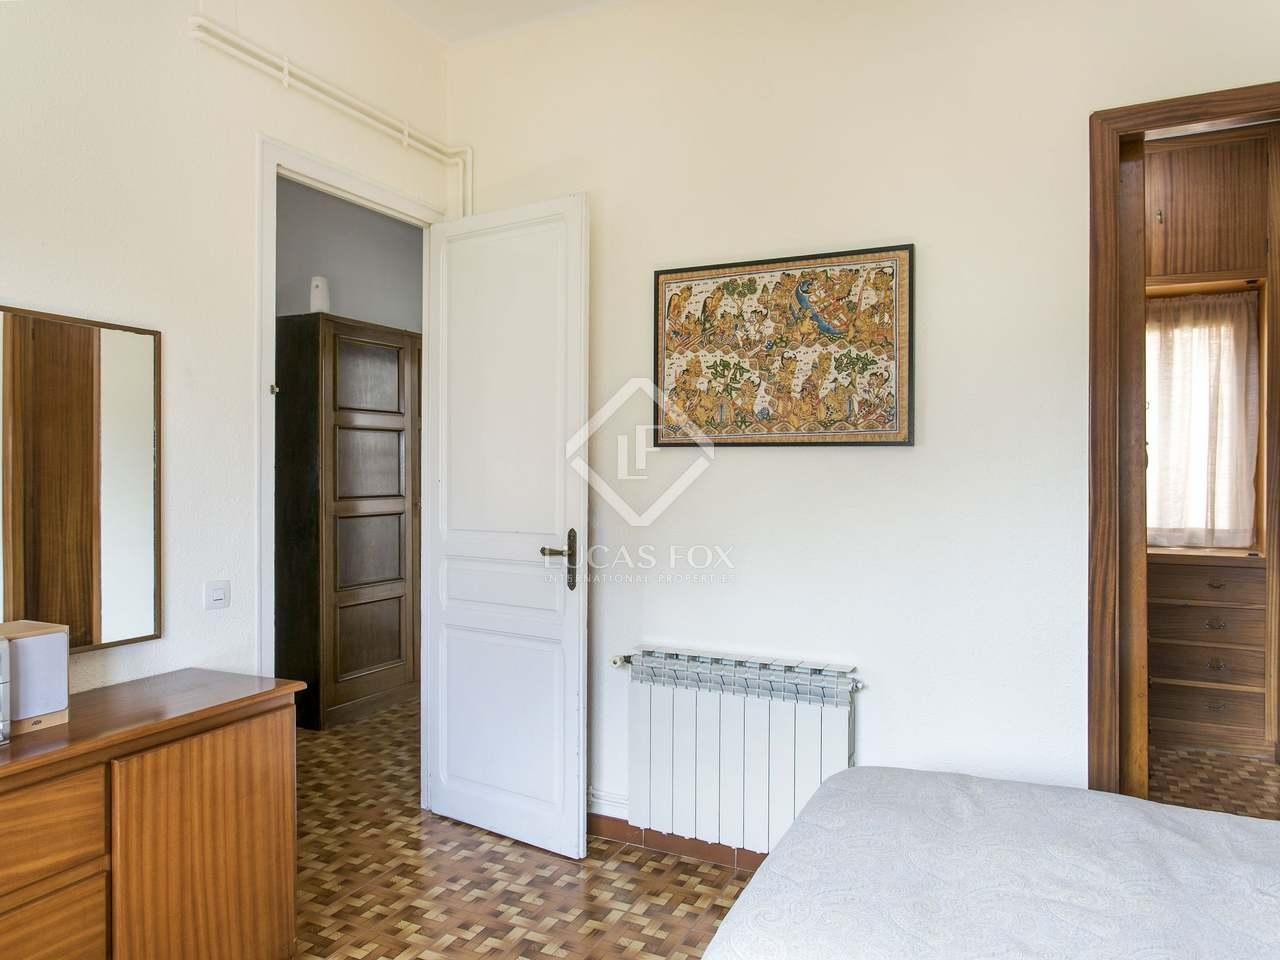 126m haus villa mit 90m garten zum verkauf in sarri. Black Bedroom Furniture Sets. Home Design Ideas